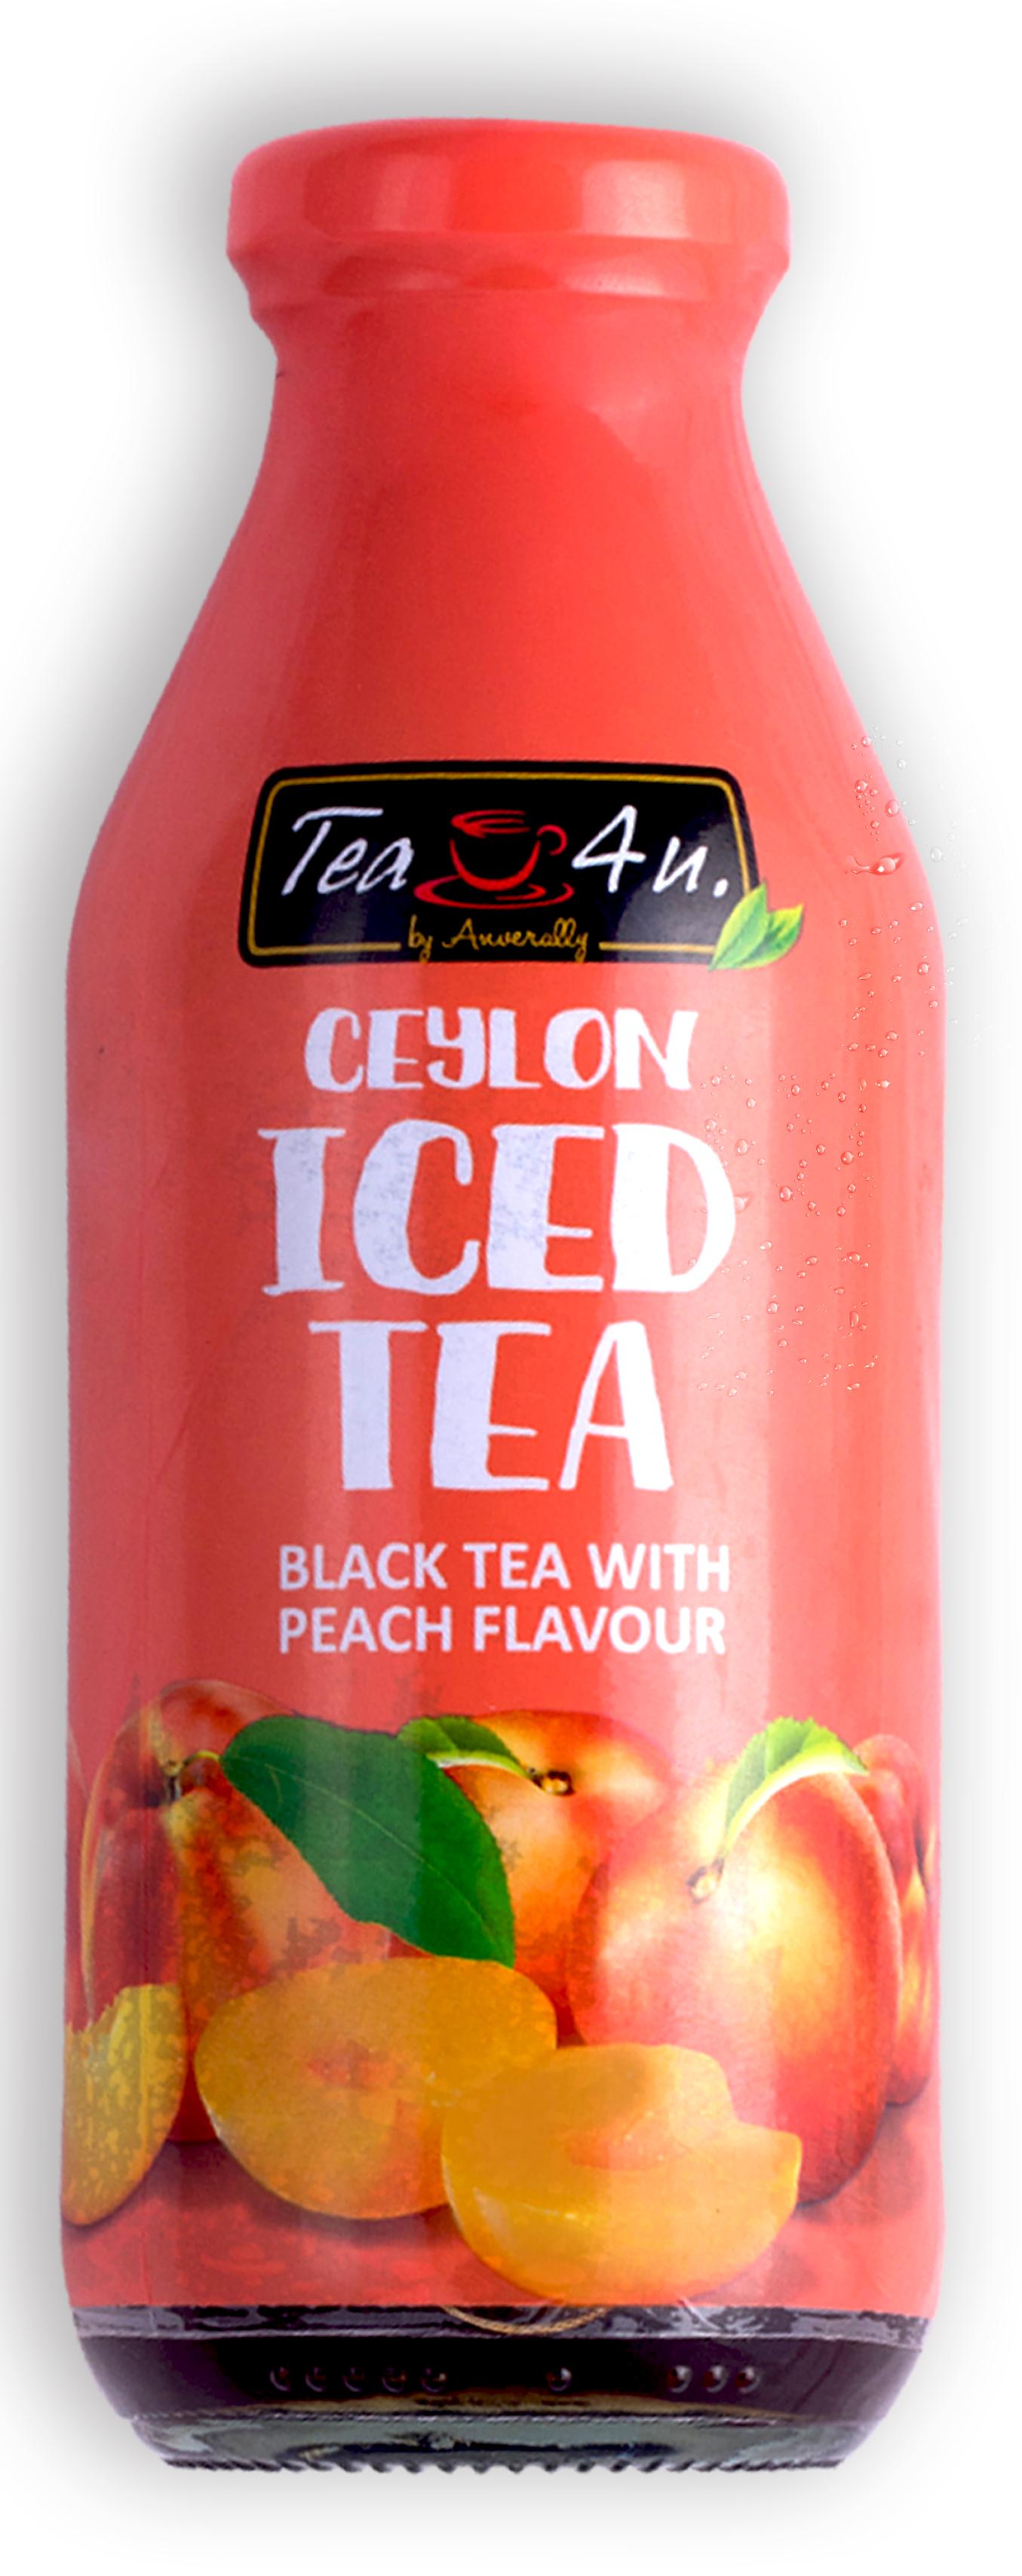 Напиток безалкогольный негазированный Черный чай со вкусом персика Tea 4 u